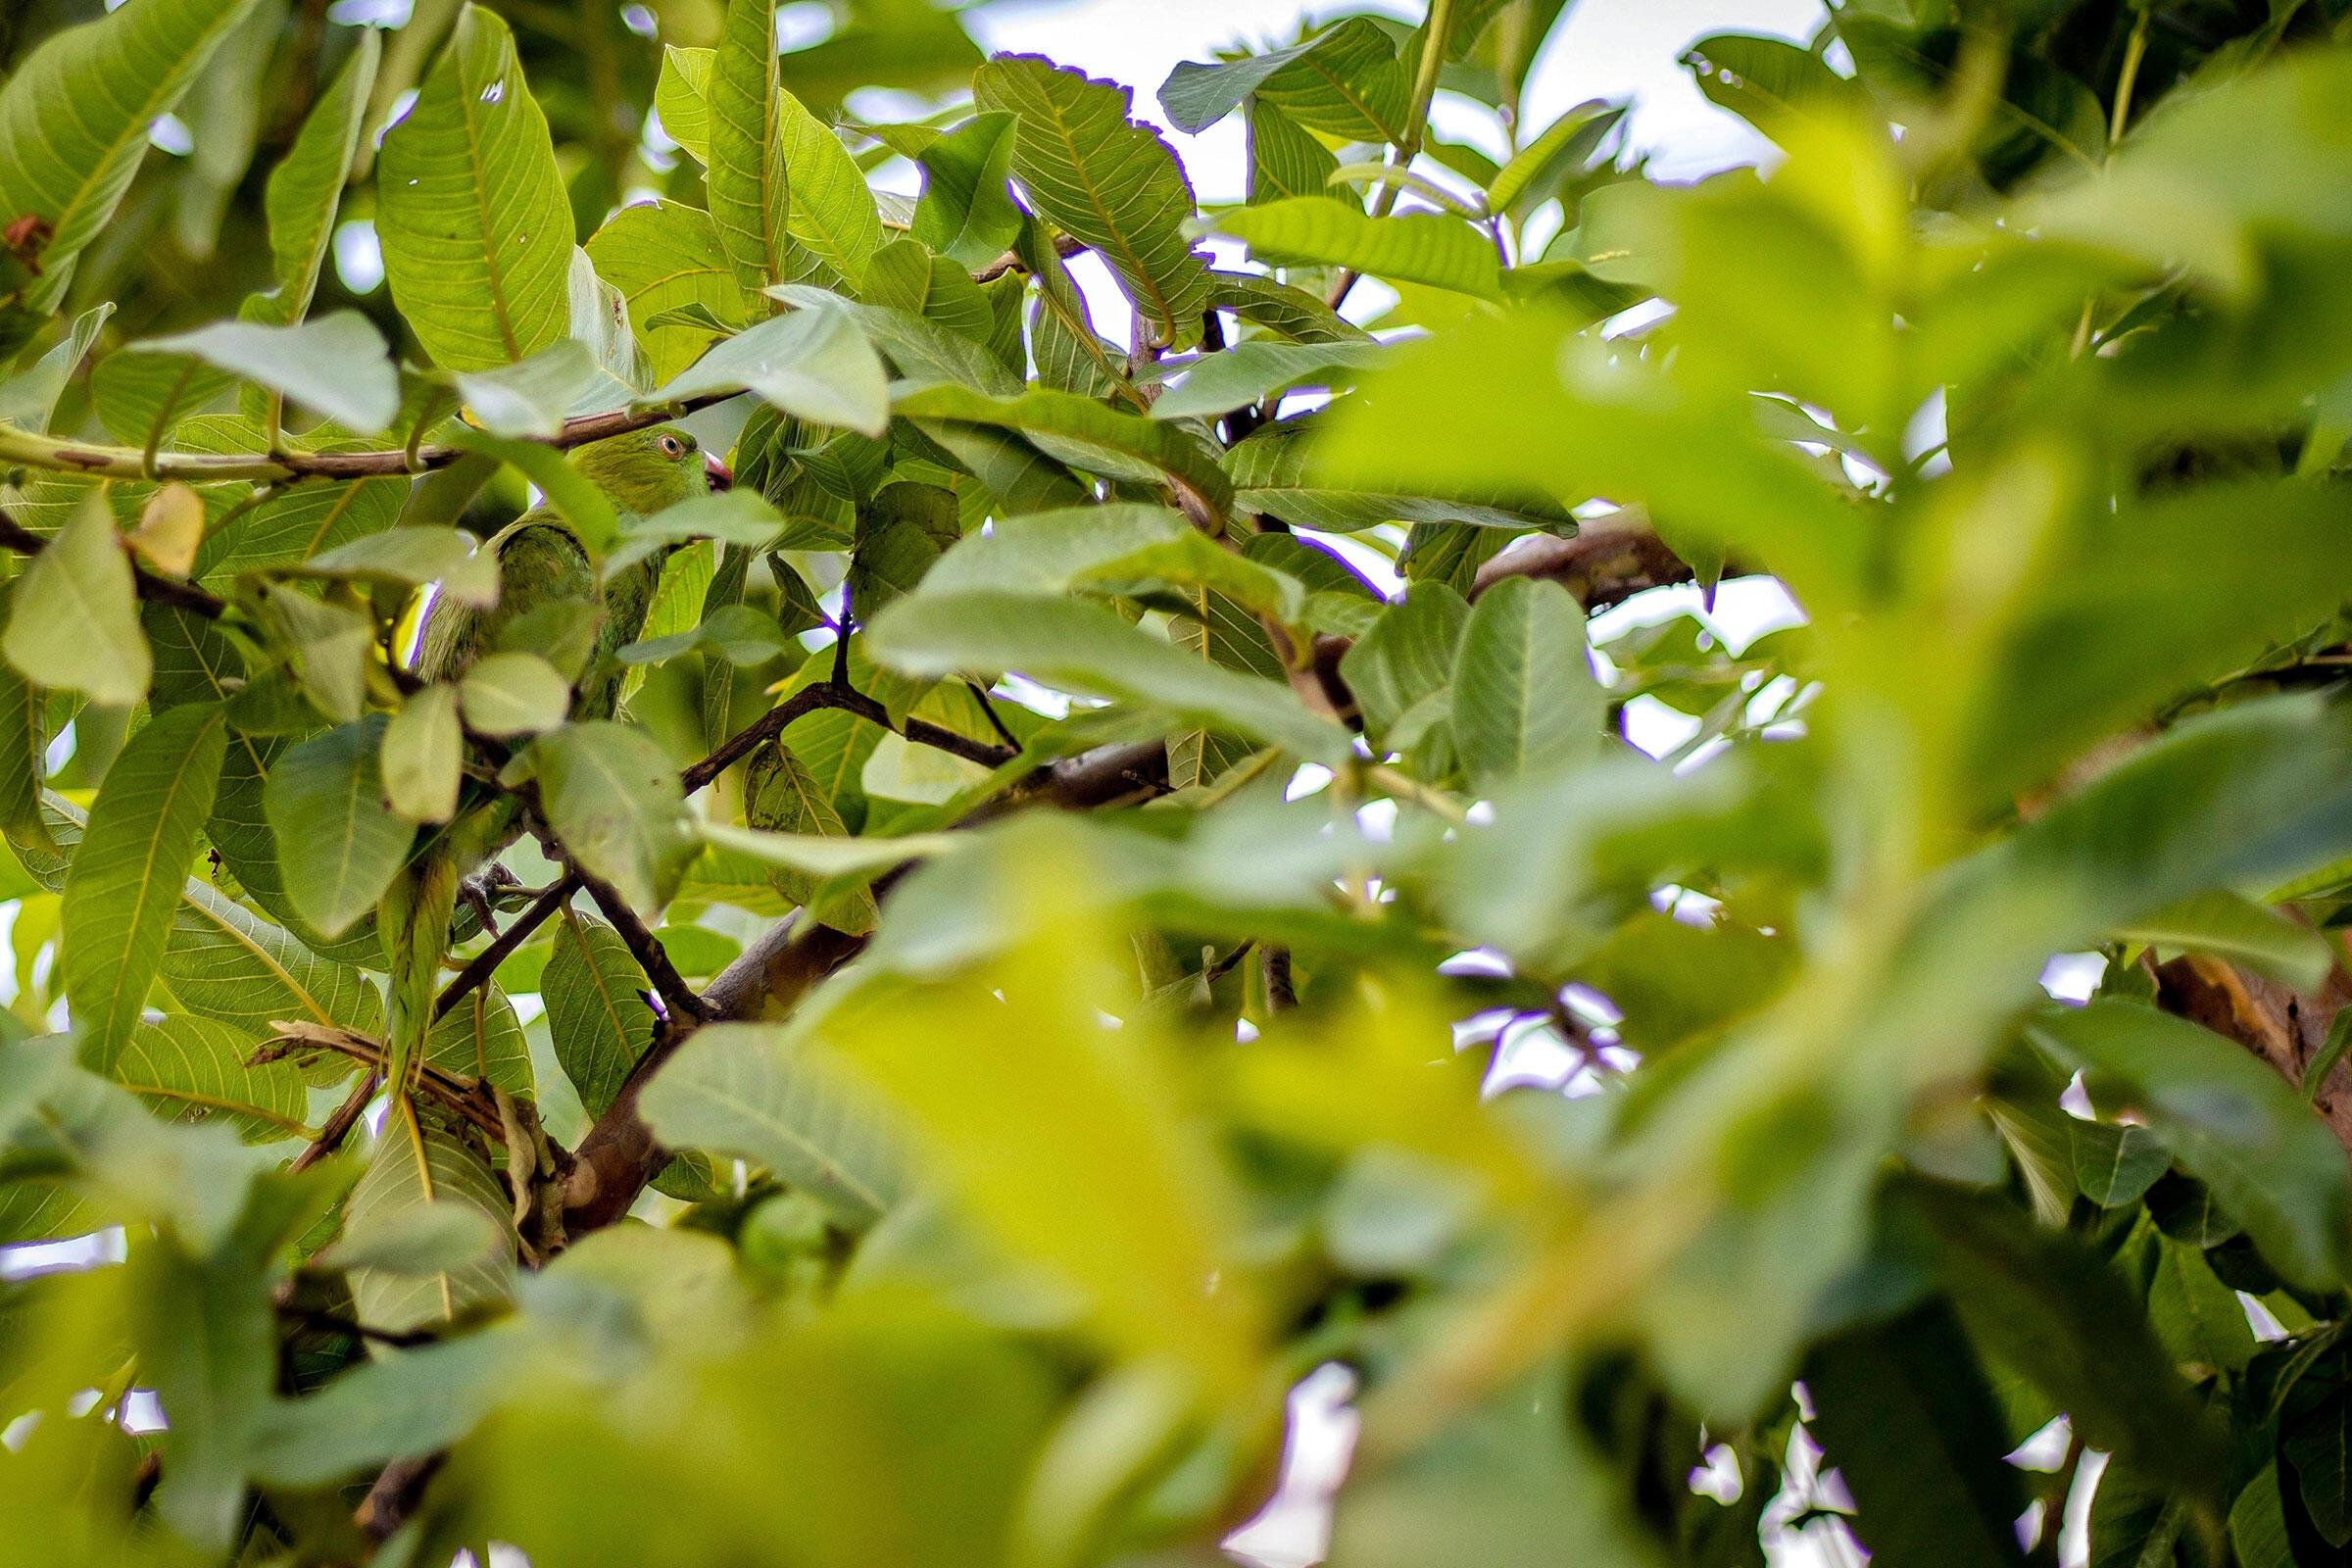 Rose-ringed Parakeet. Siraj Ahmad/Alamy